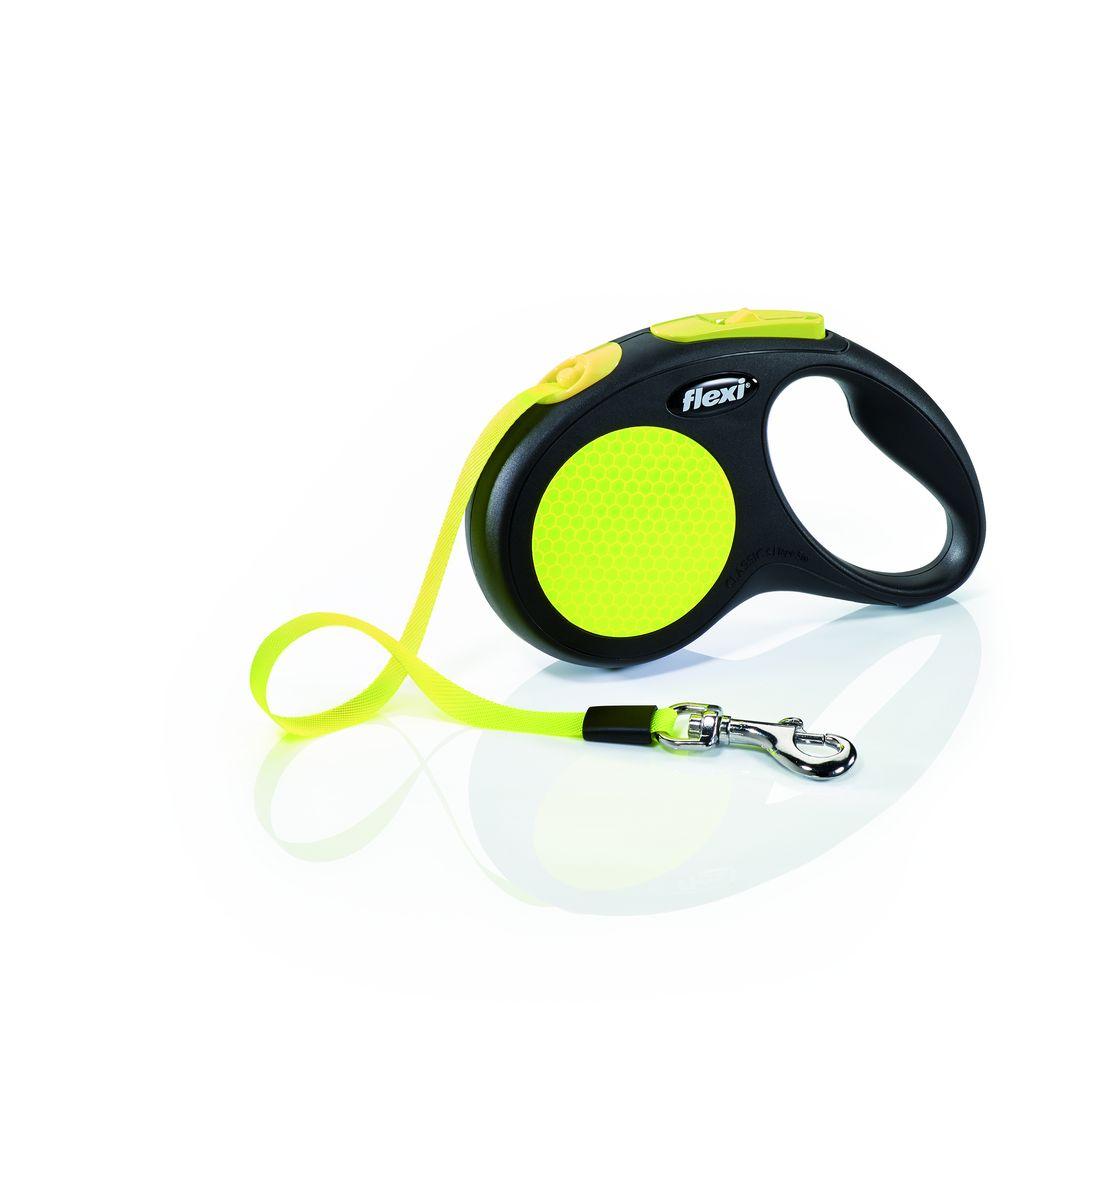 Поводок-рулетка Flexi Neon New Classic S, лента, для собак весом до 15 кг, 5 м0120710Компактная рулетка карманного формата для собак мелких и средних пород весом до 15 кг.Рулетка очень проста в использовании.Лента поводка автоматически сматывается и поводок в процессе использования не провисает, не касается грунта и таким образом не пачкается и не перетирается. Поводок не нужно подбирать руками когда питомец подошел ближе, таким образом Ваши руки всегда чистые. Корпус выполнен в двух материалах: полированном и матовом, двуцветный ремень с благородной кожаной отделкой является отличным дополнением. Хромированная застежка прослужит вам долгие годы. Длина ременного поводка 5 м.